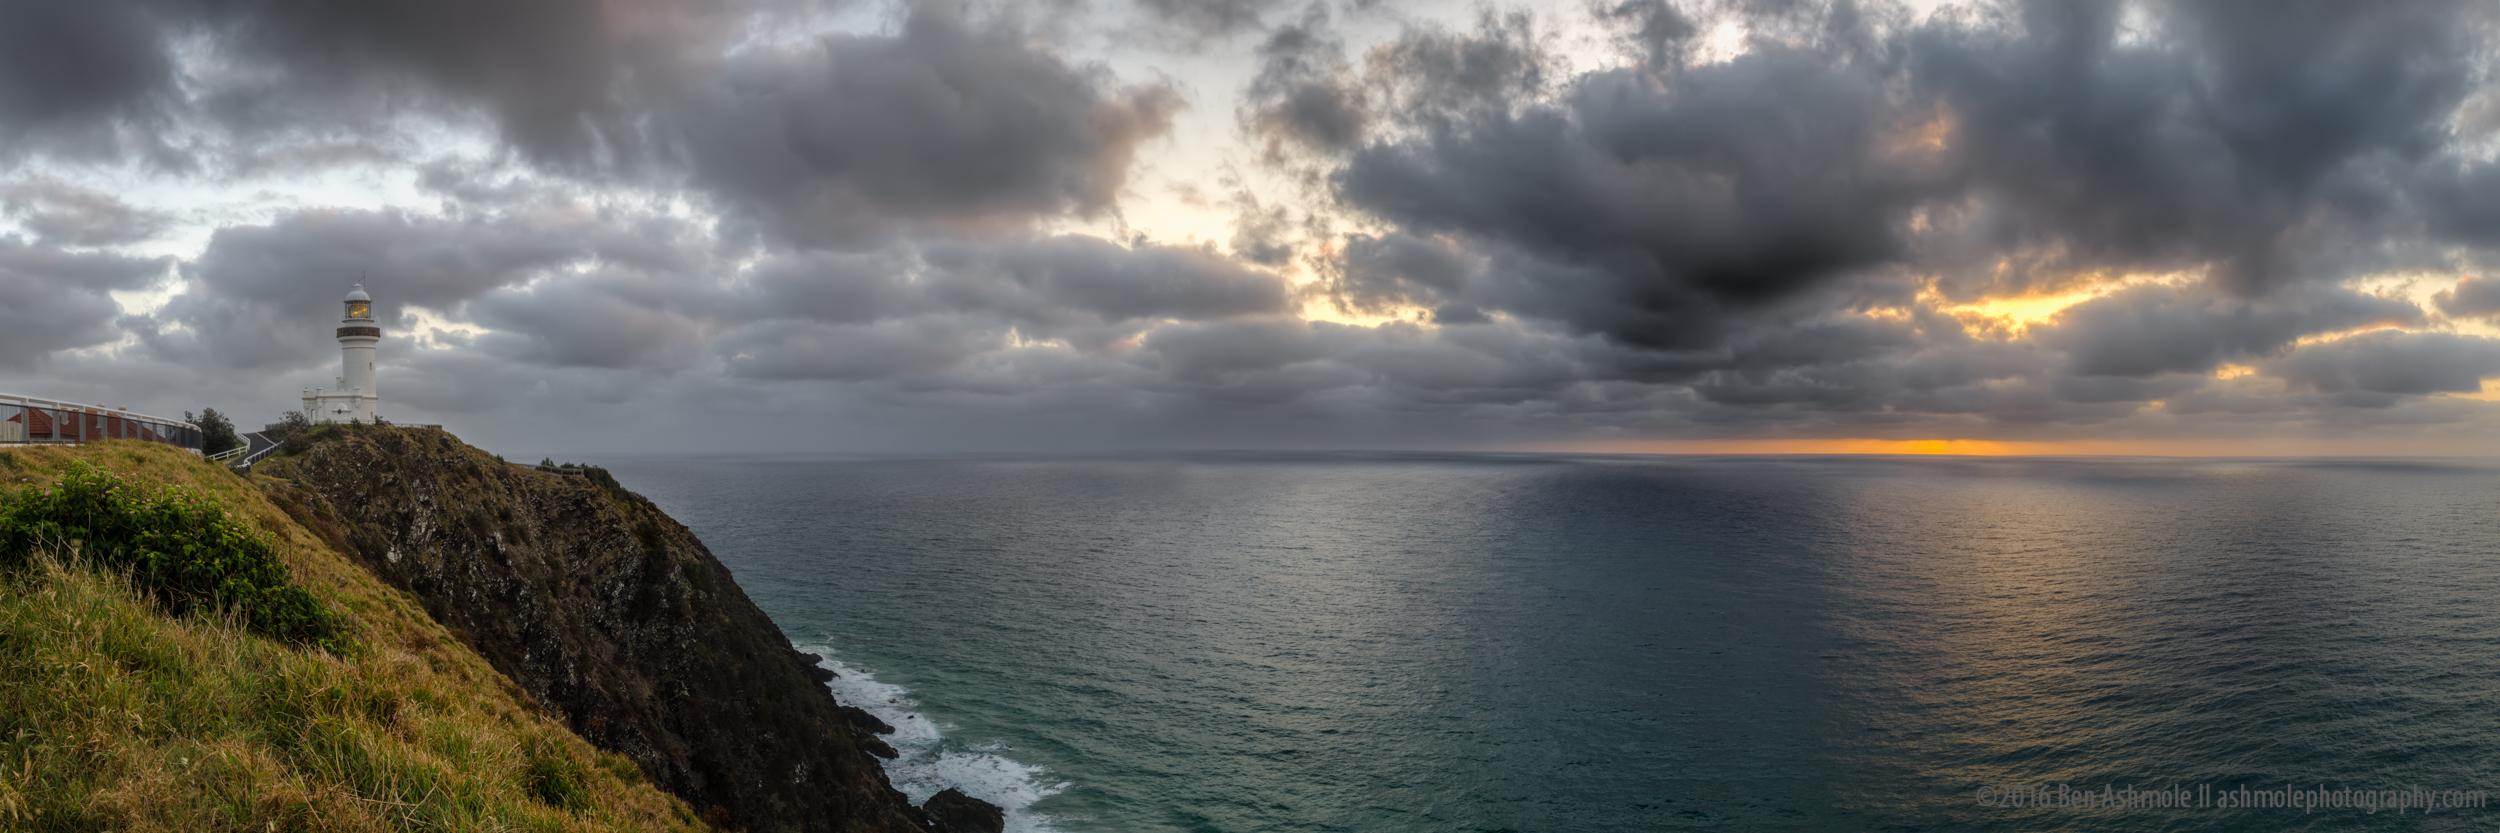 Lighthouse Sunrise Panorama, Byron Bay, Australia